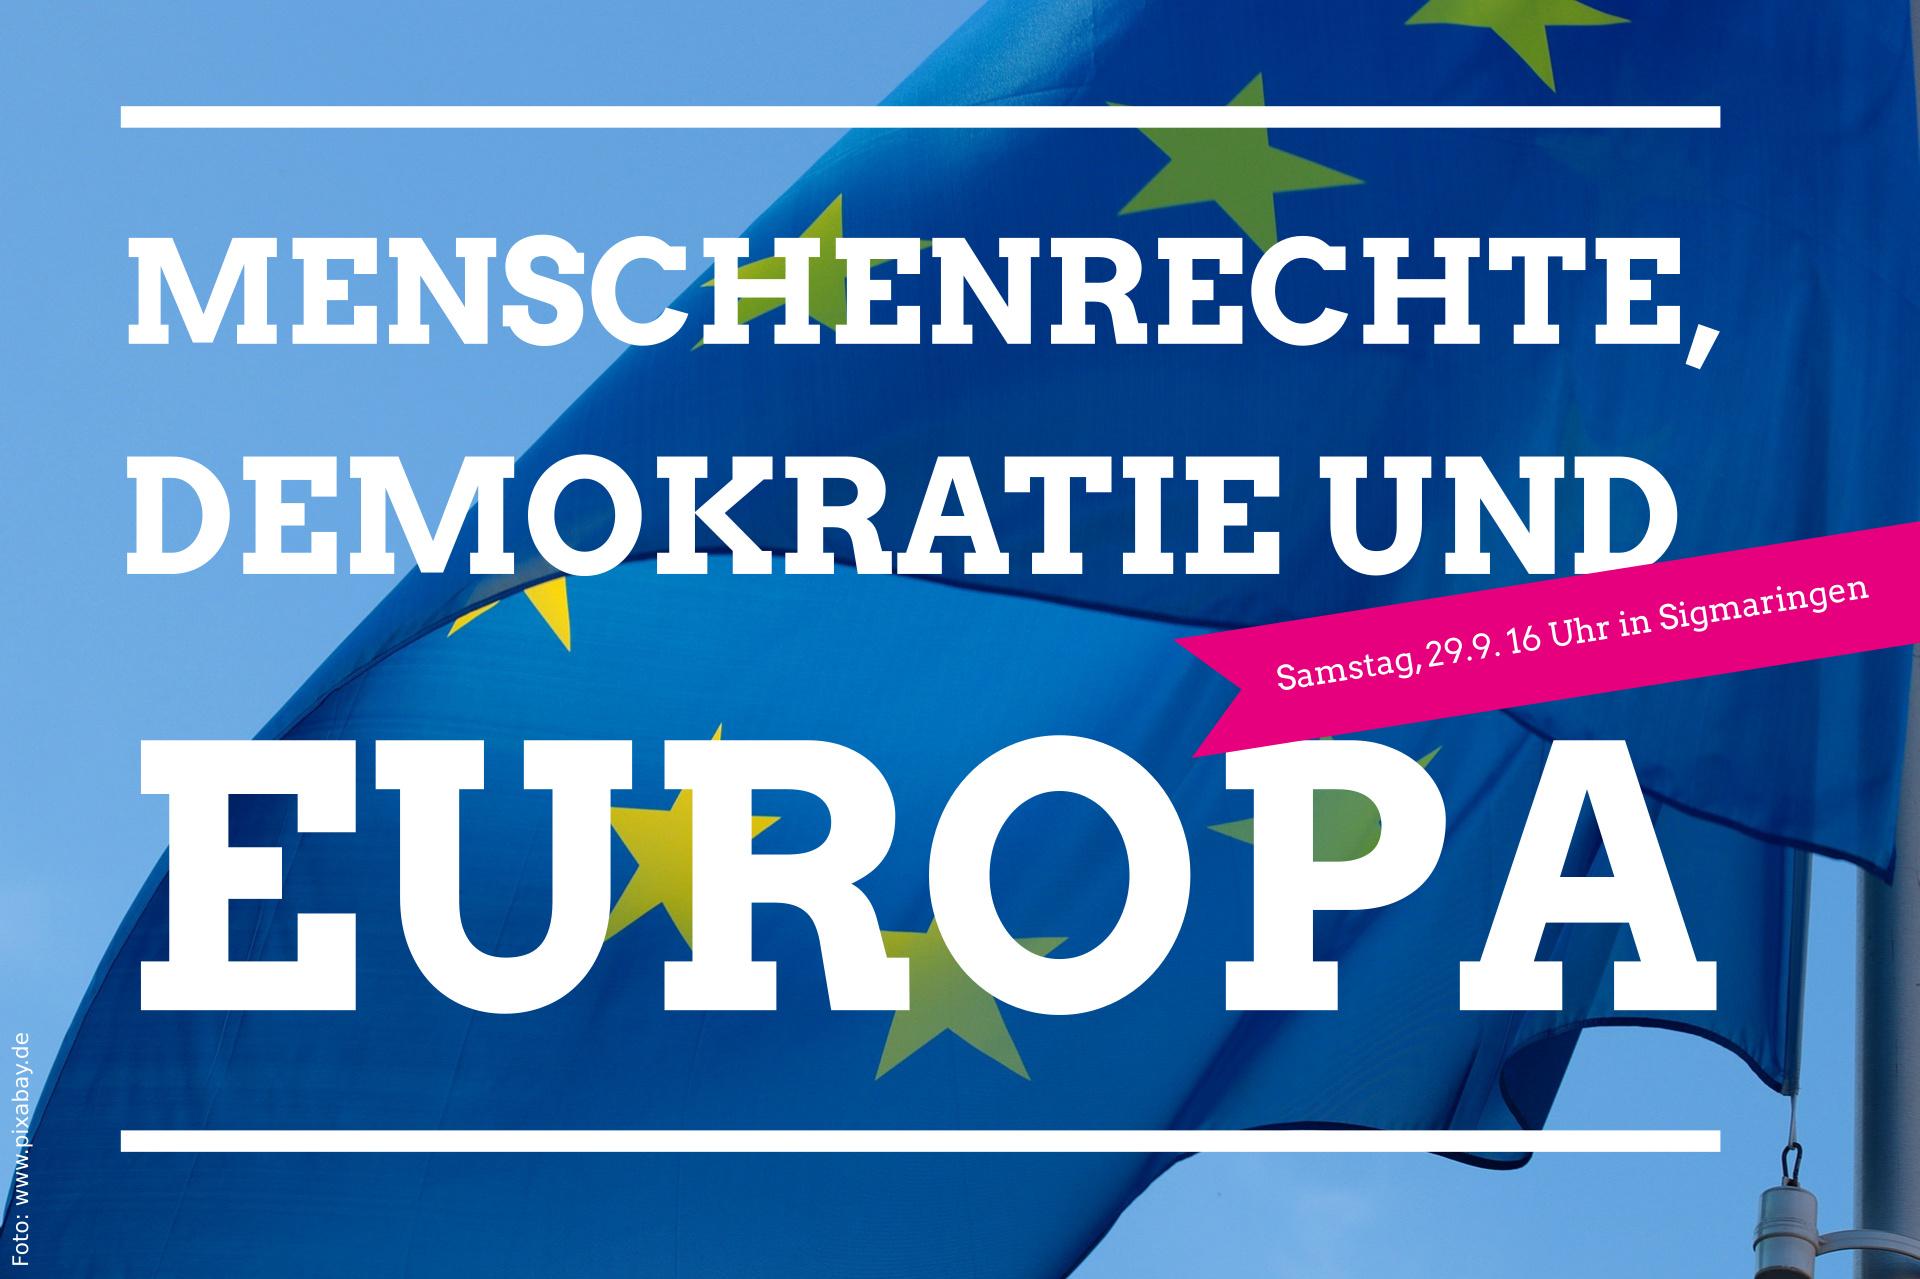 Einladung zur Kundgebung am Samstag, 29.9.18 in Sigmaringen